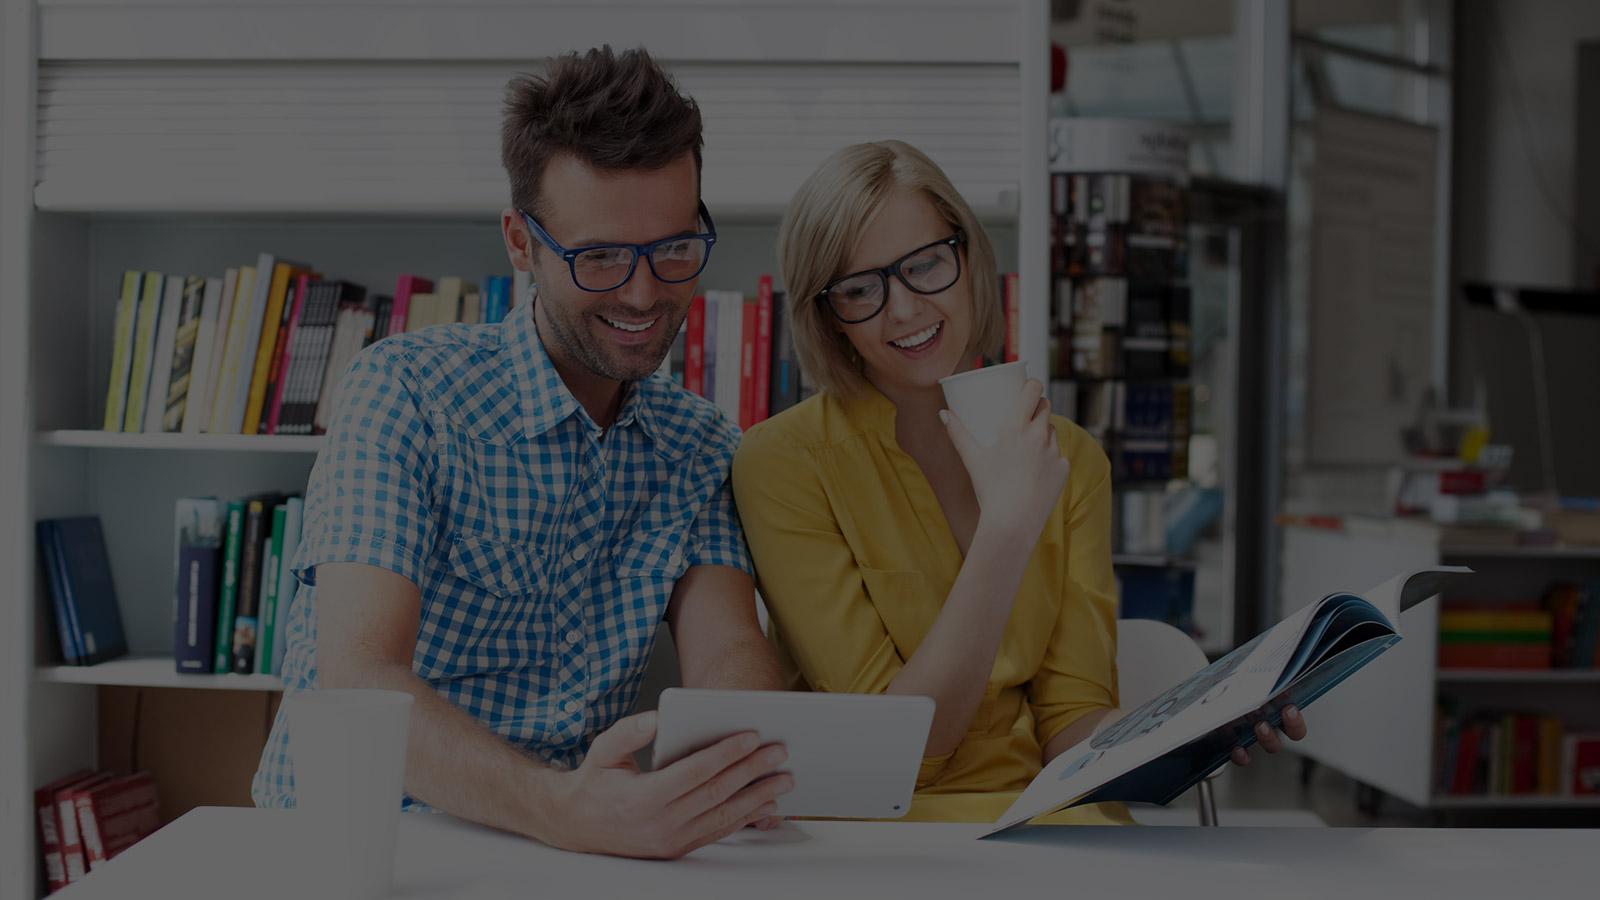 homme et femme qui regardent l'écran d'une tablette